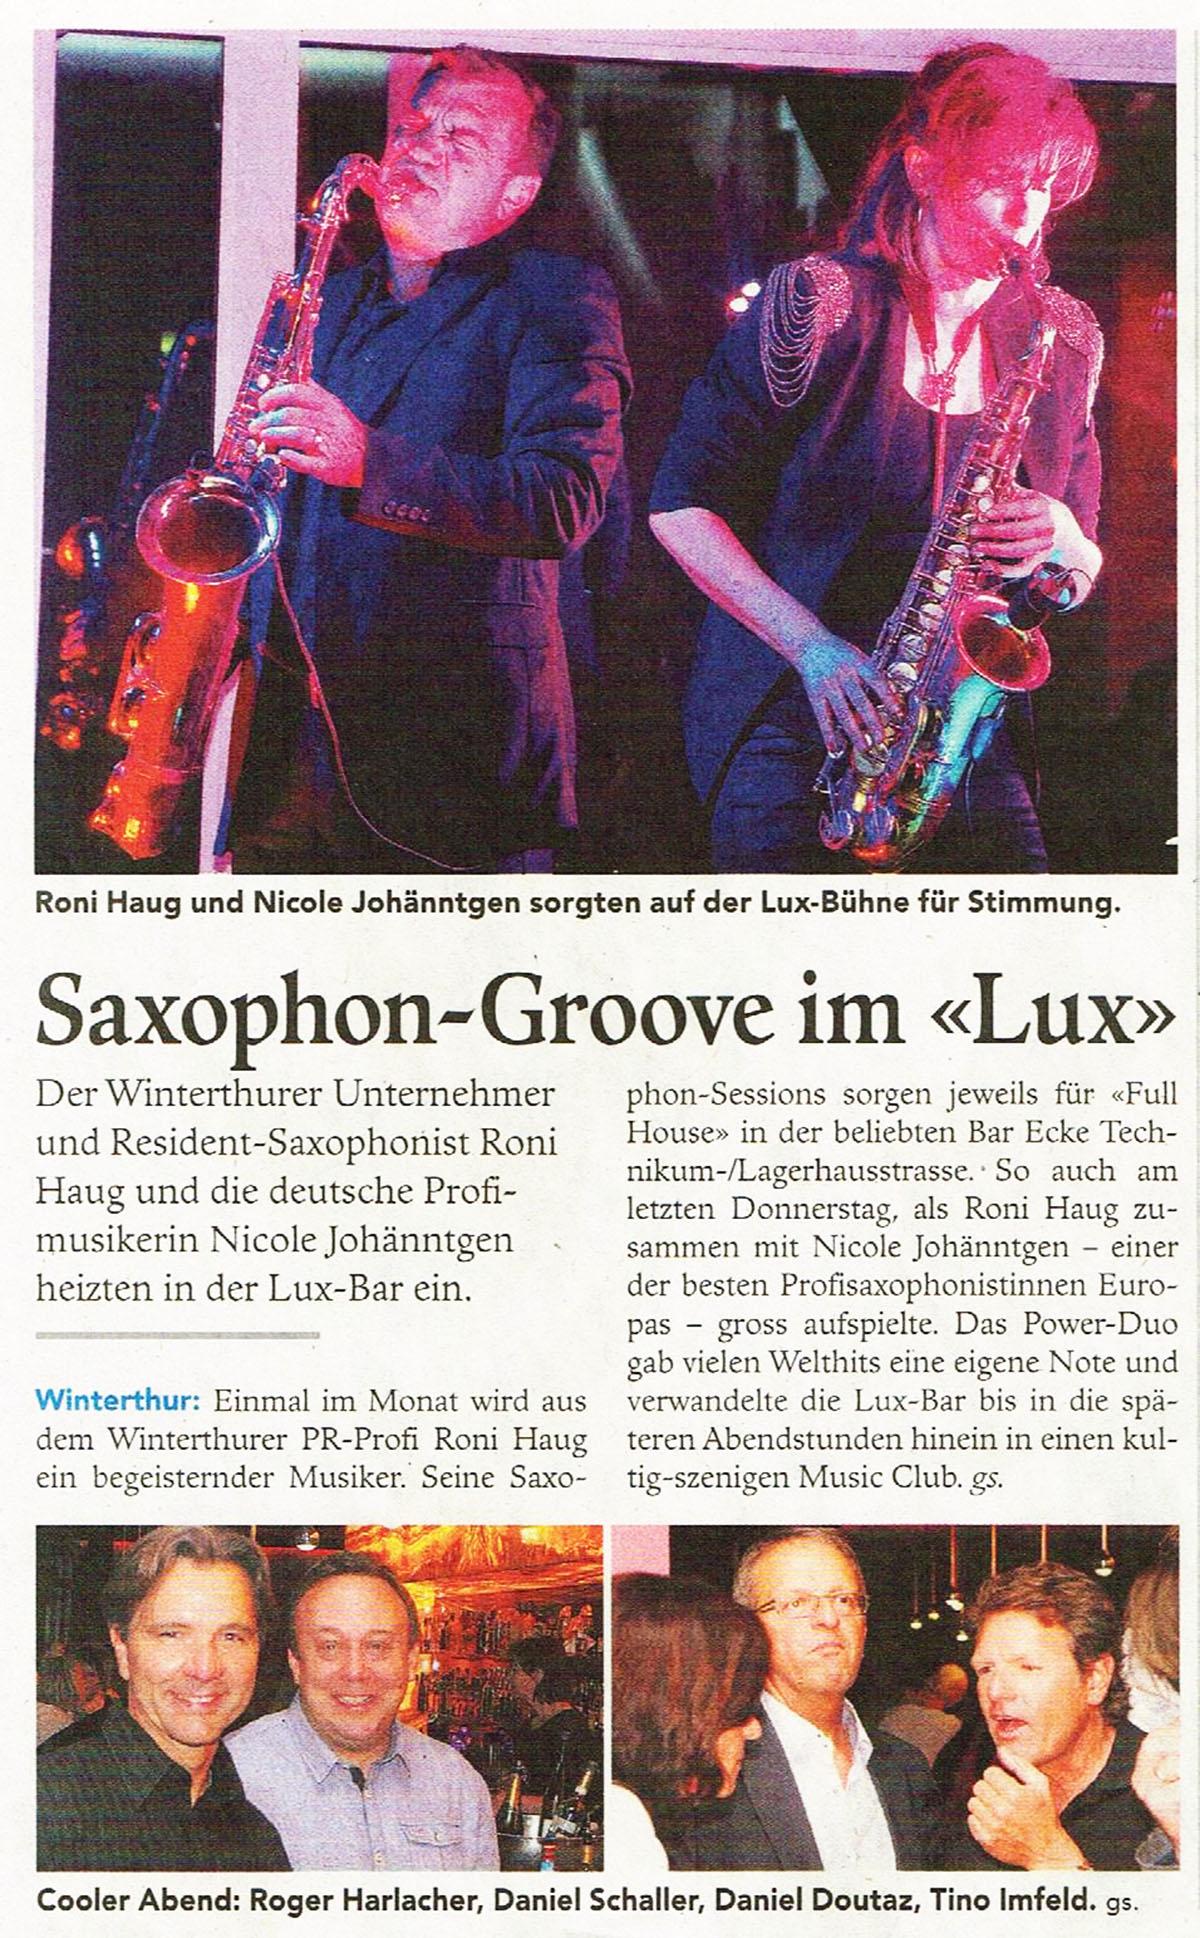 Saxophon Groove in der LUX Bar Saxophonist in Winterthur Zürich Gesucht in Sax Duo Zwei Saxofone Live